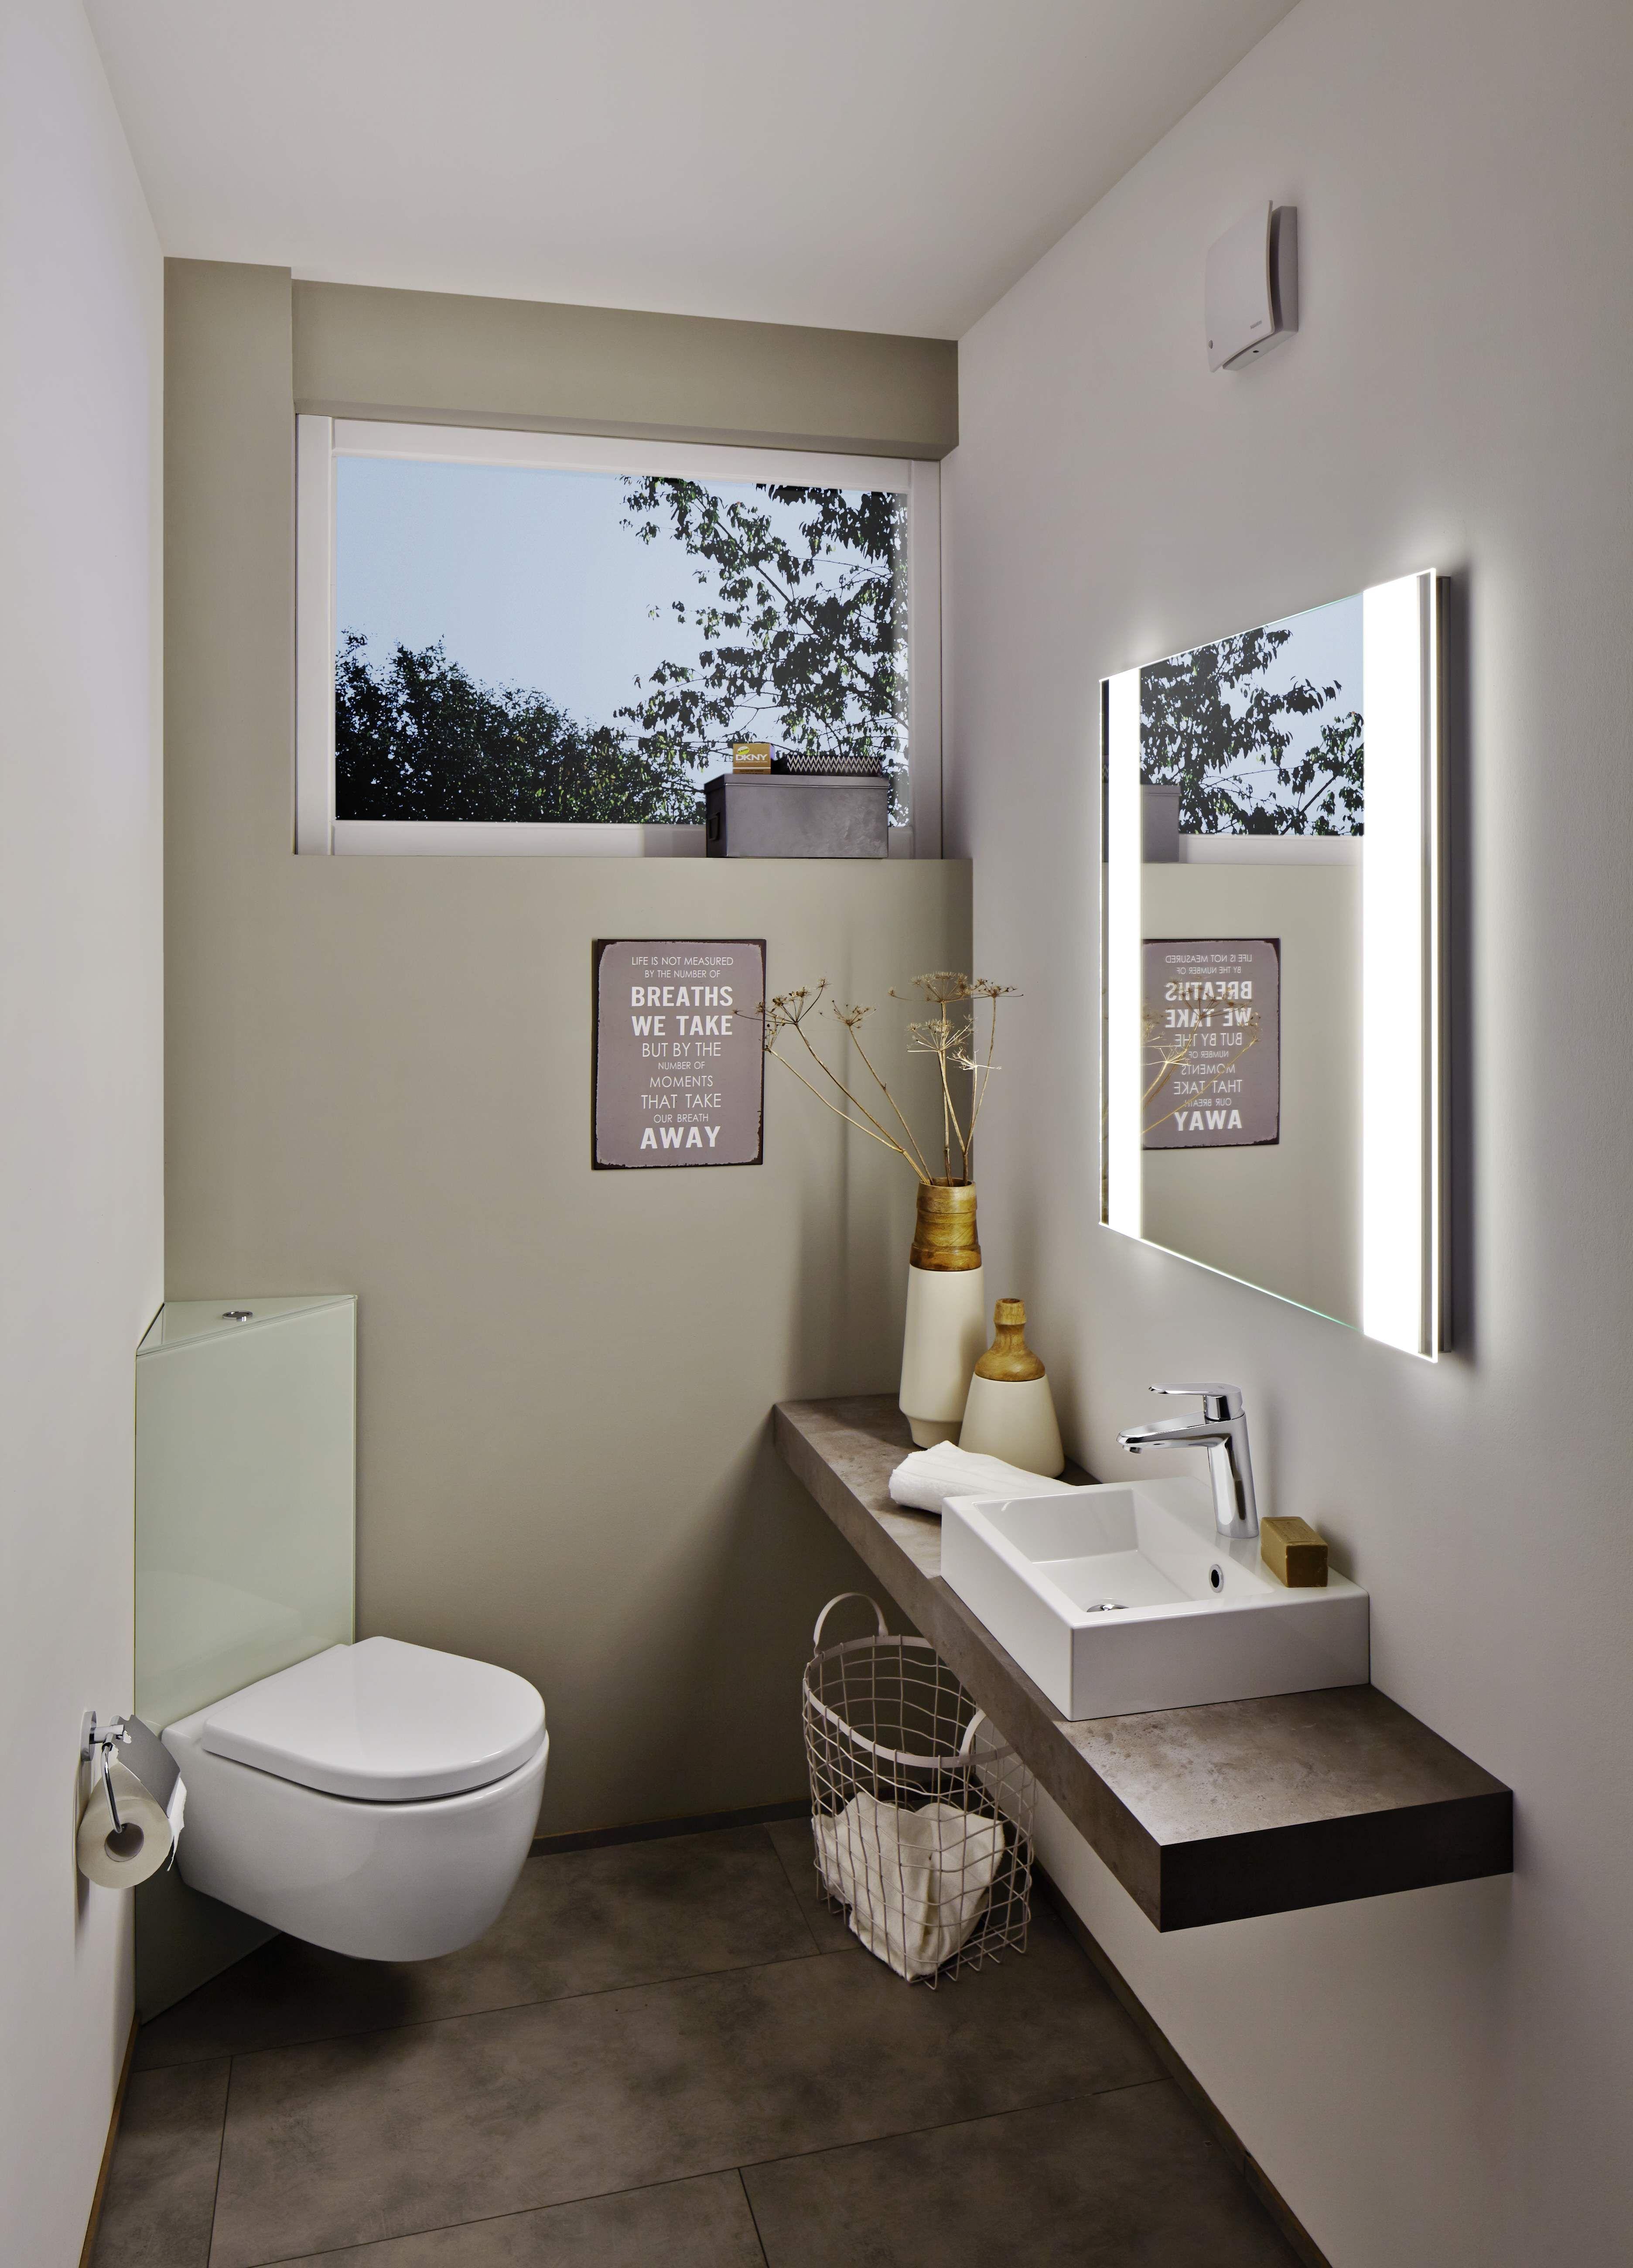 Kleines hotelbadezimmerdesign klein aber fein  der tignum im gästewc gästewc lichtspiegel